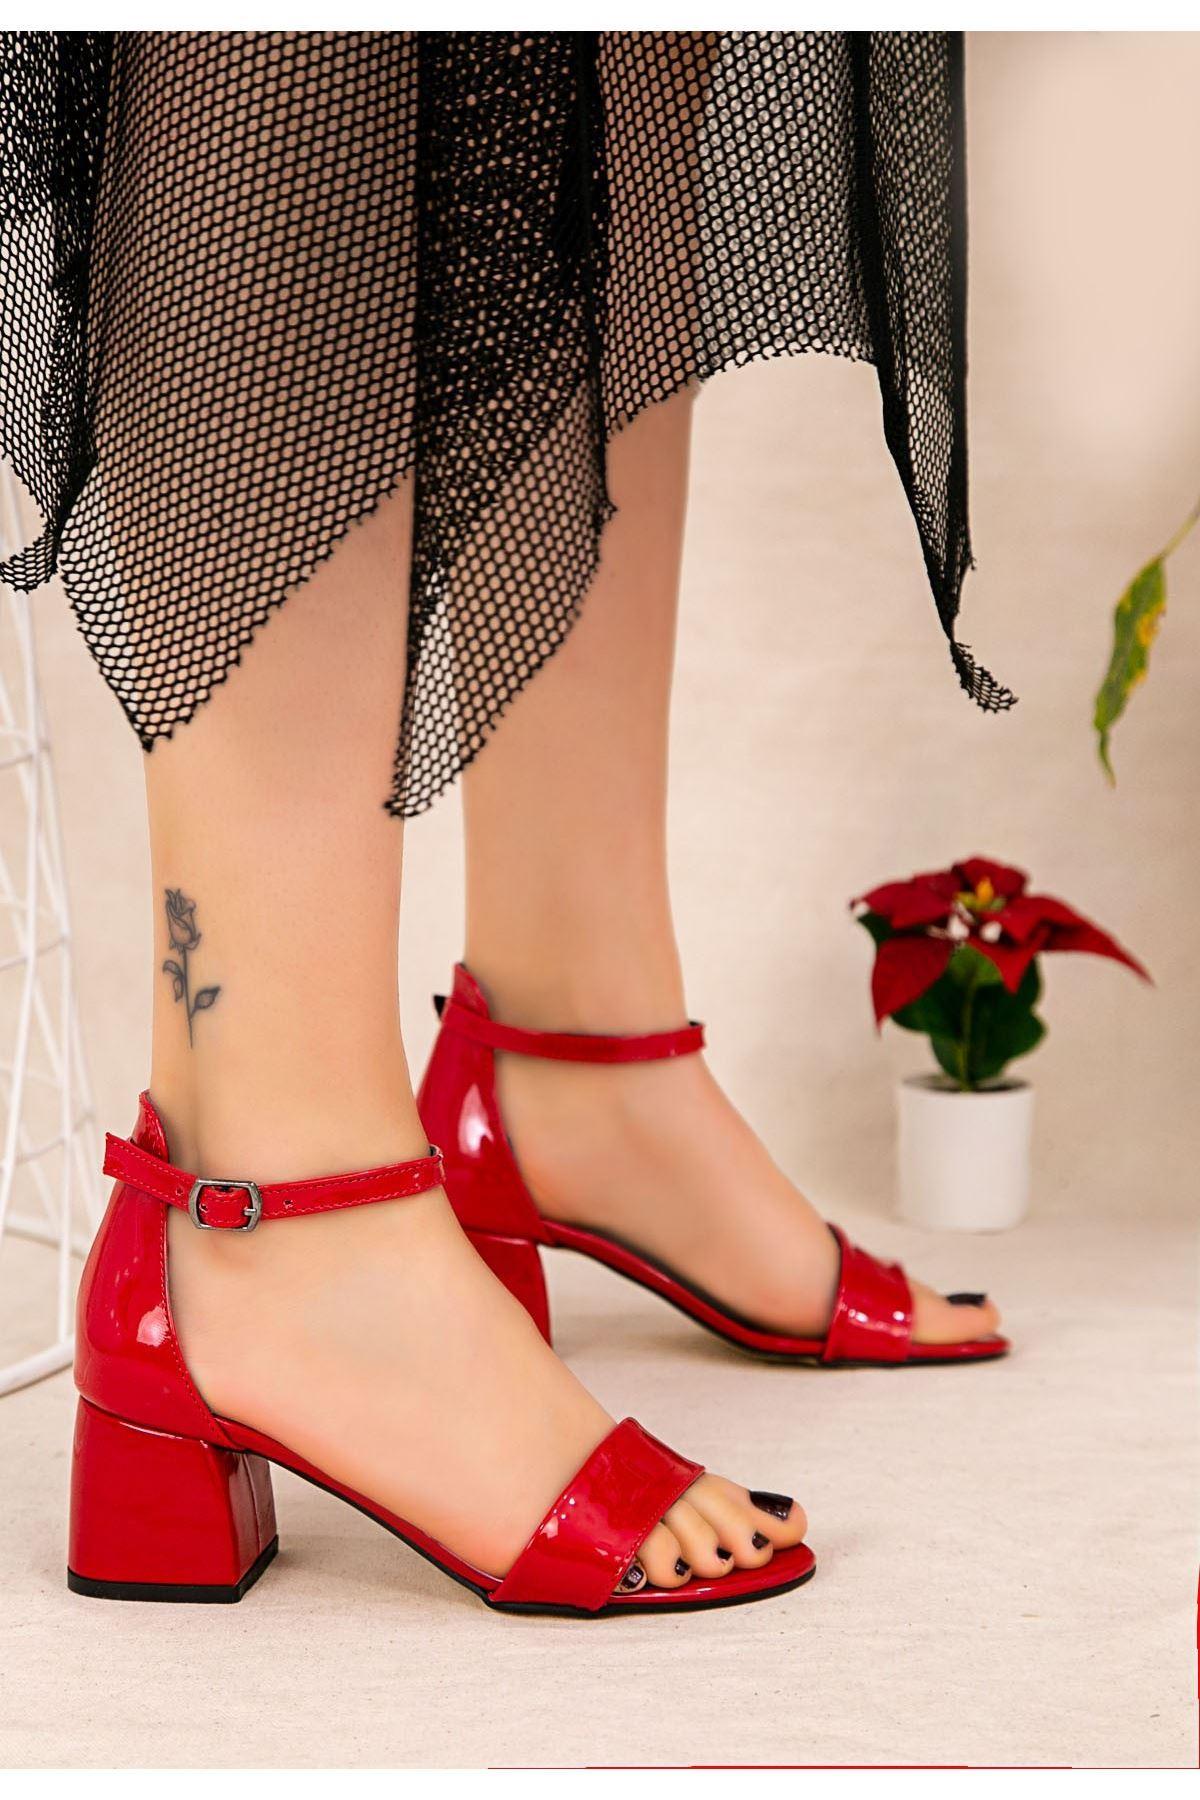 Epon Kırmız Rugan Tek Bant Topuklu Ayakkabı